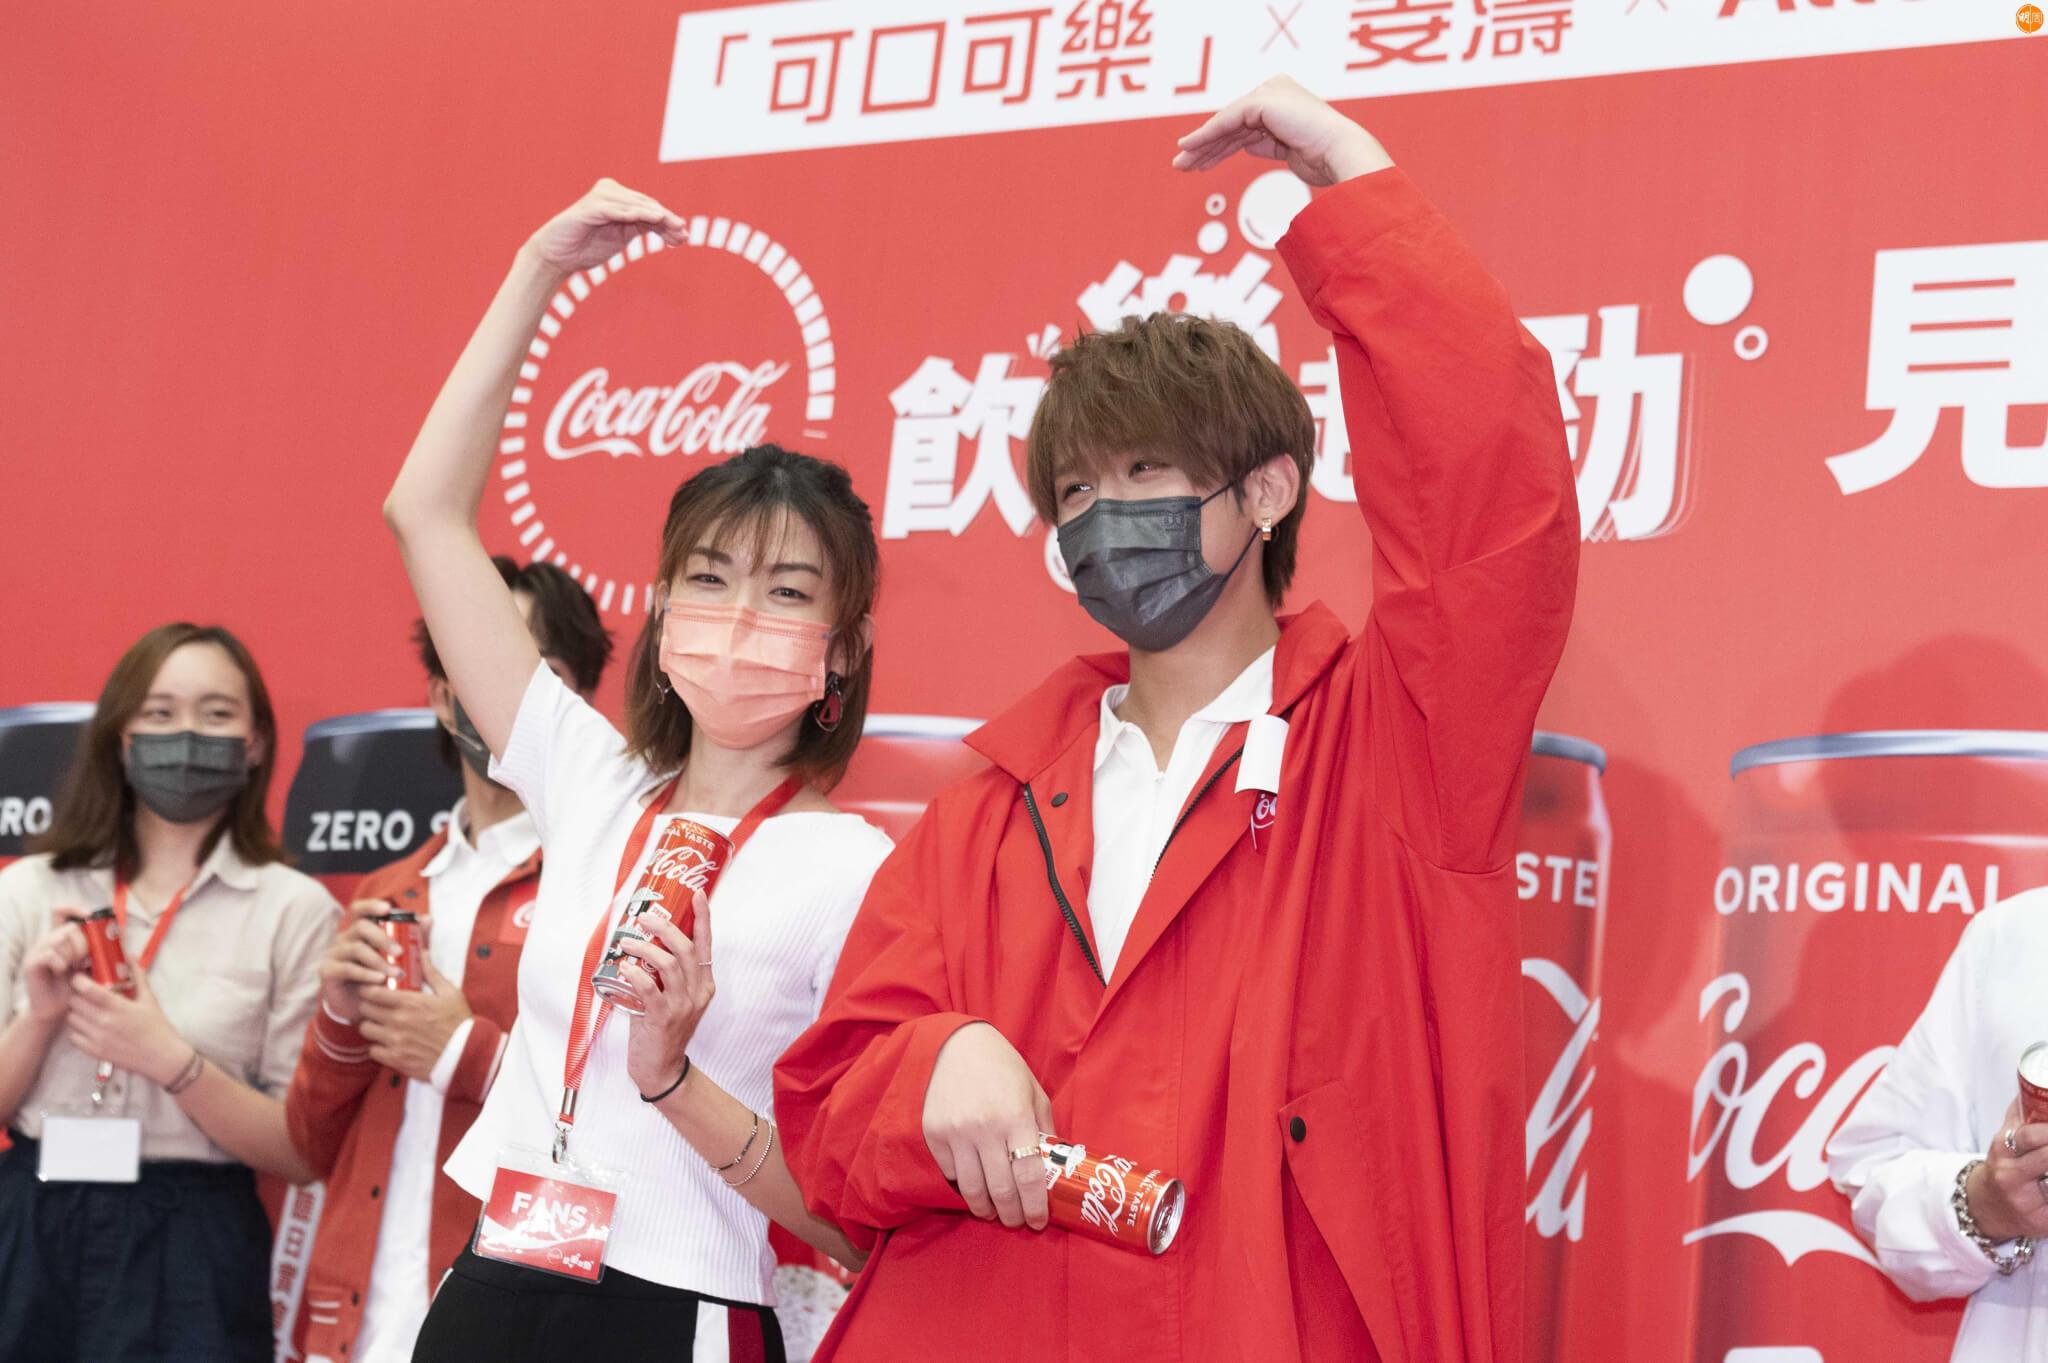 coca-cola-hk-label-fans-meeting_05